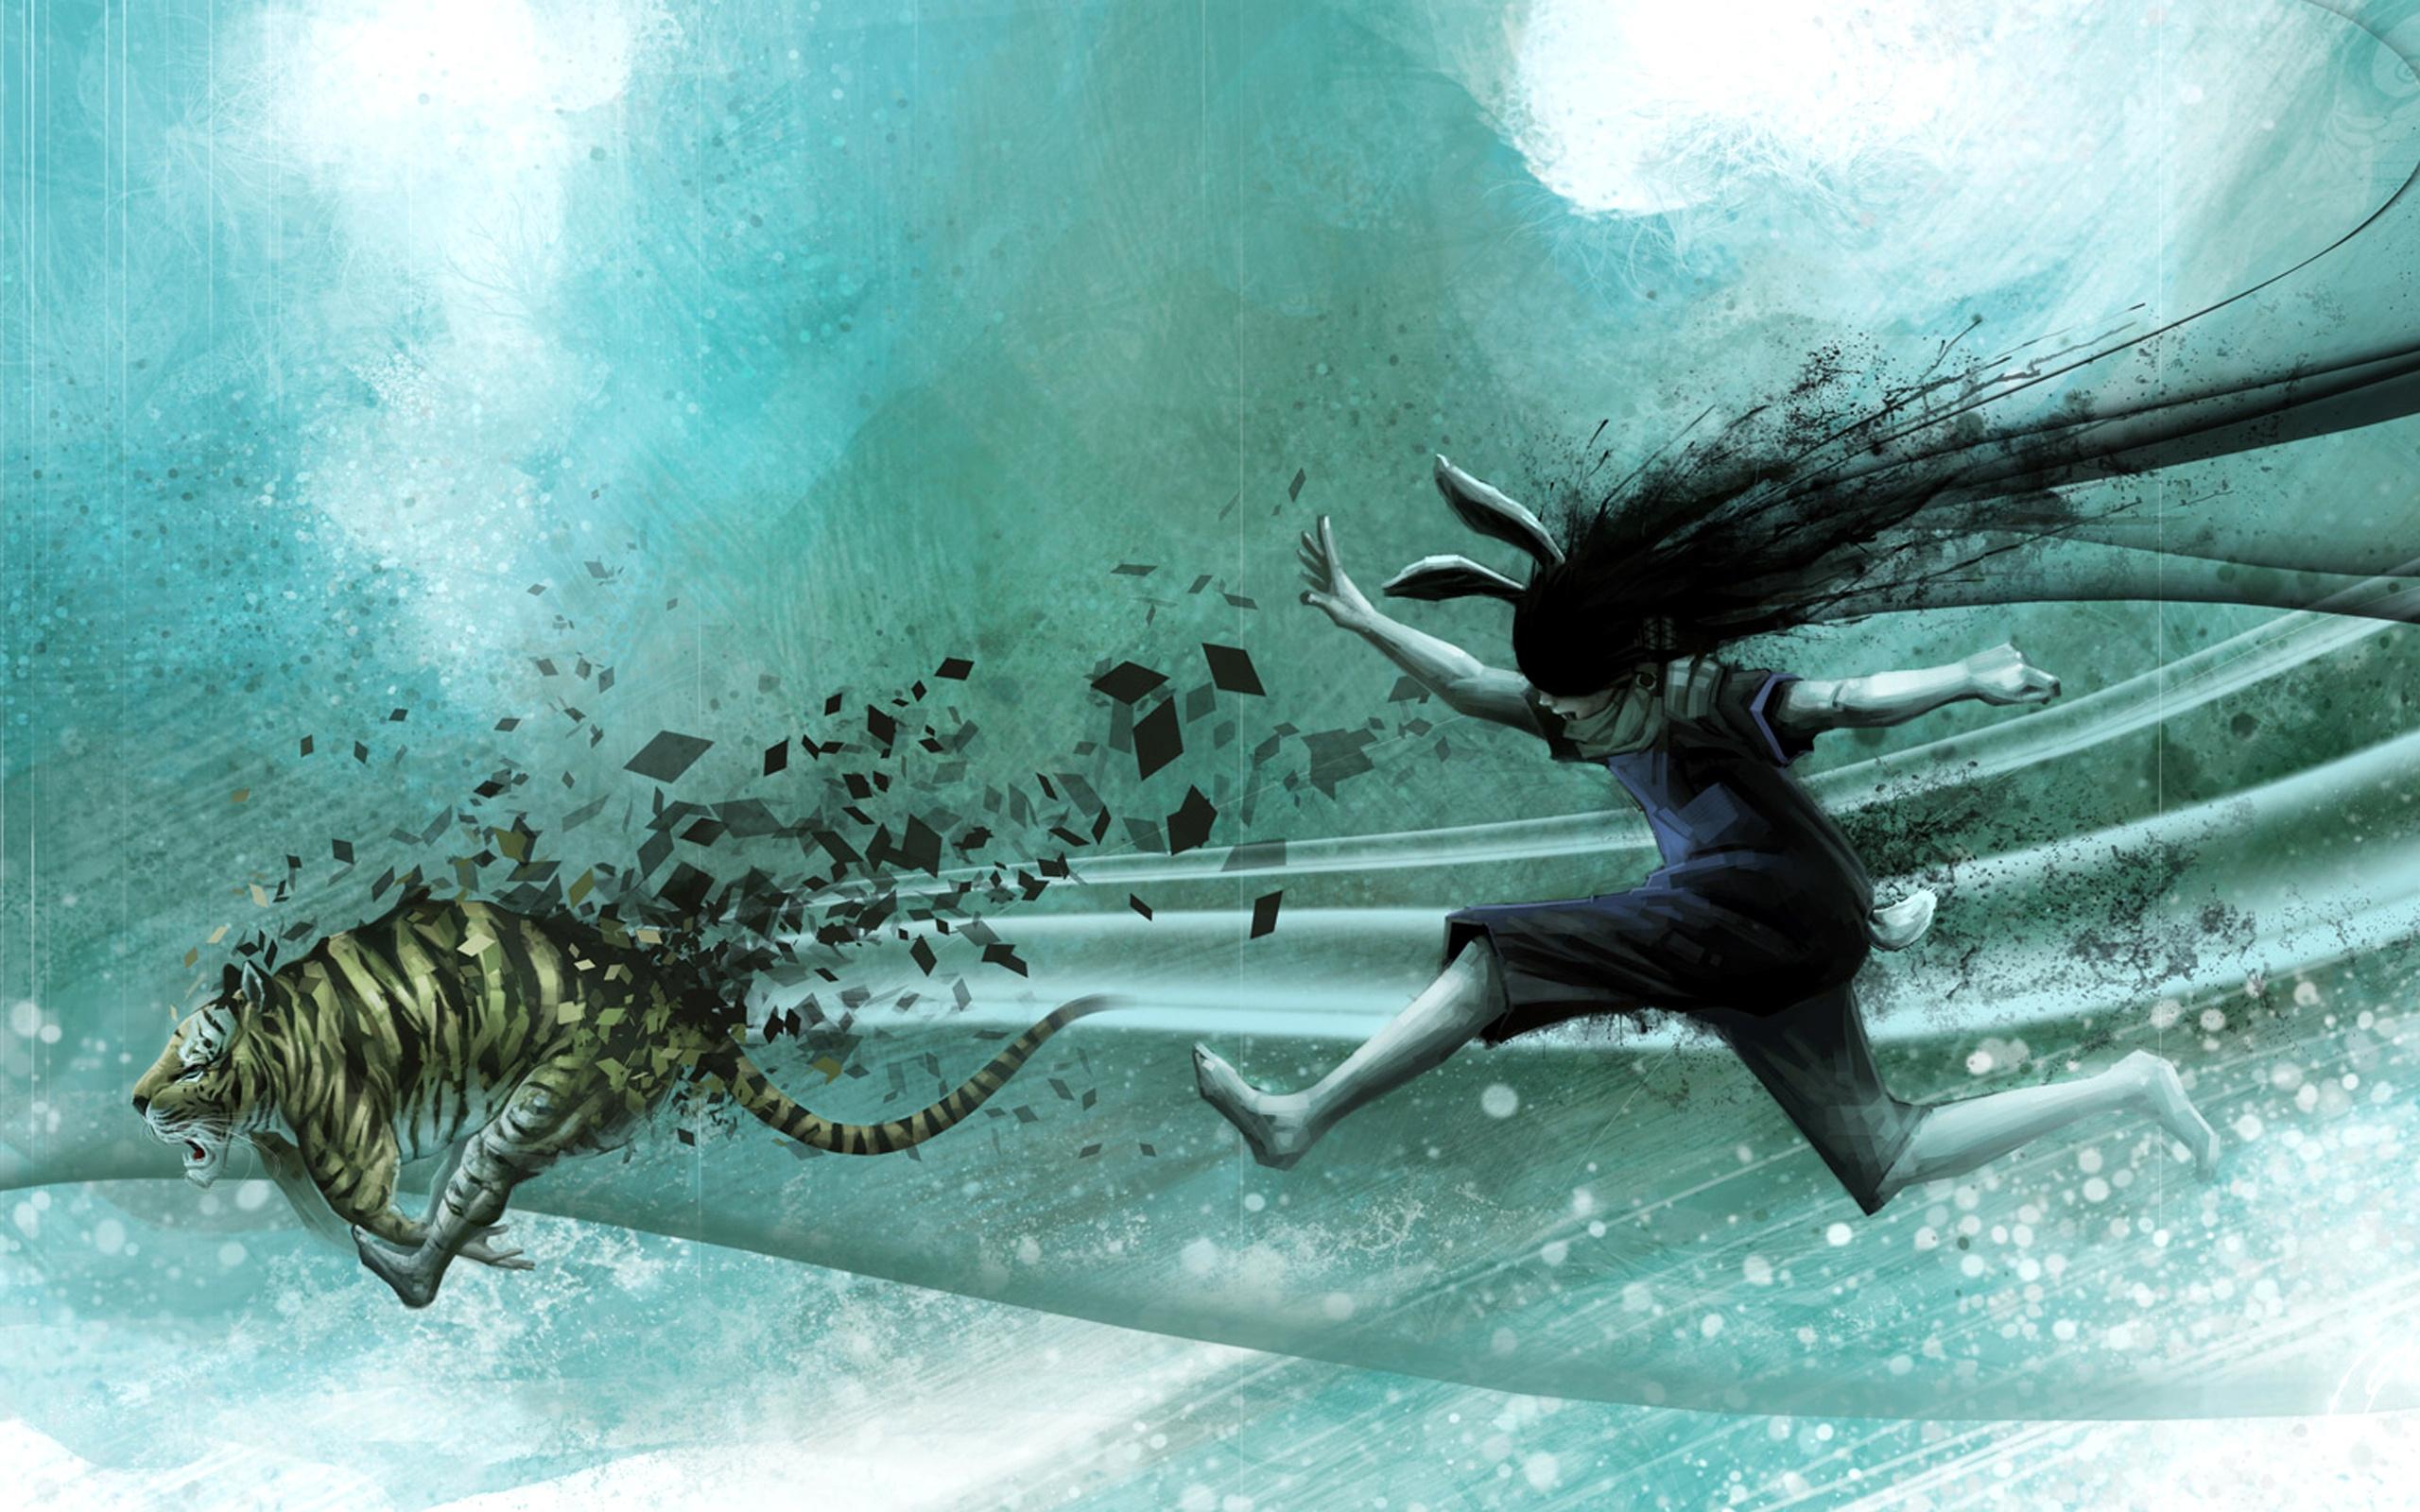 Wallpaper Drawing Illustration Tiger Underwater Running Ears